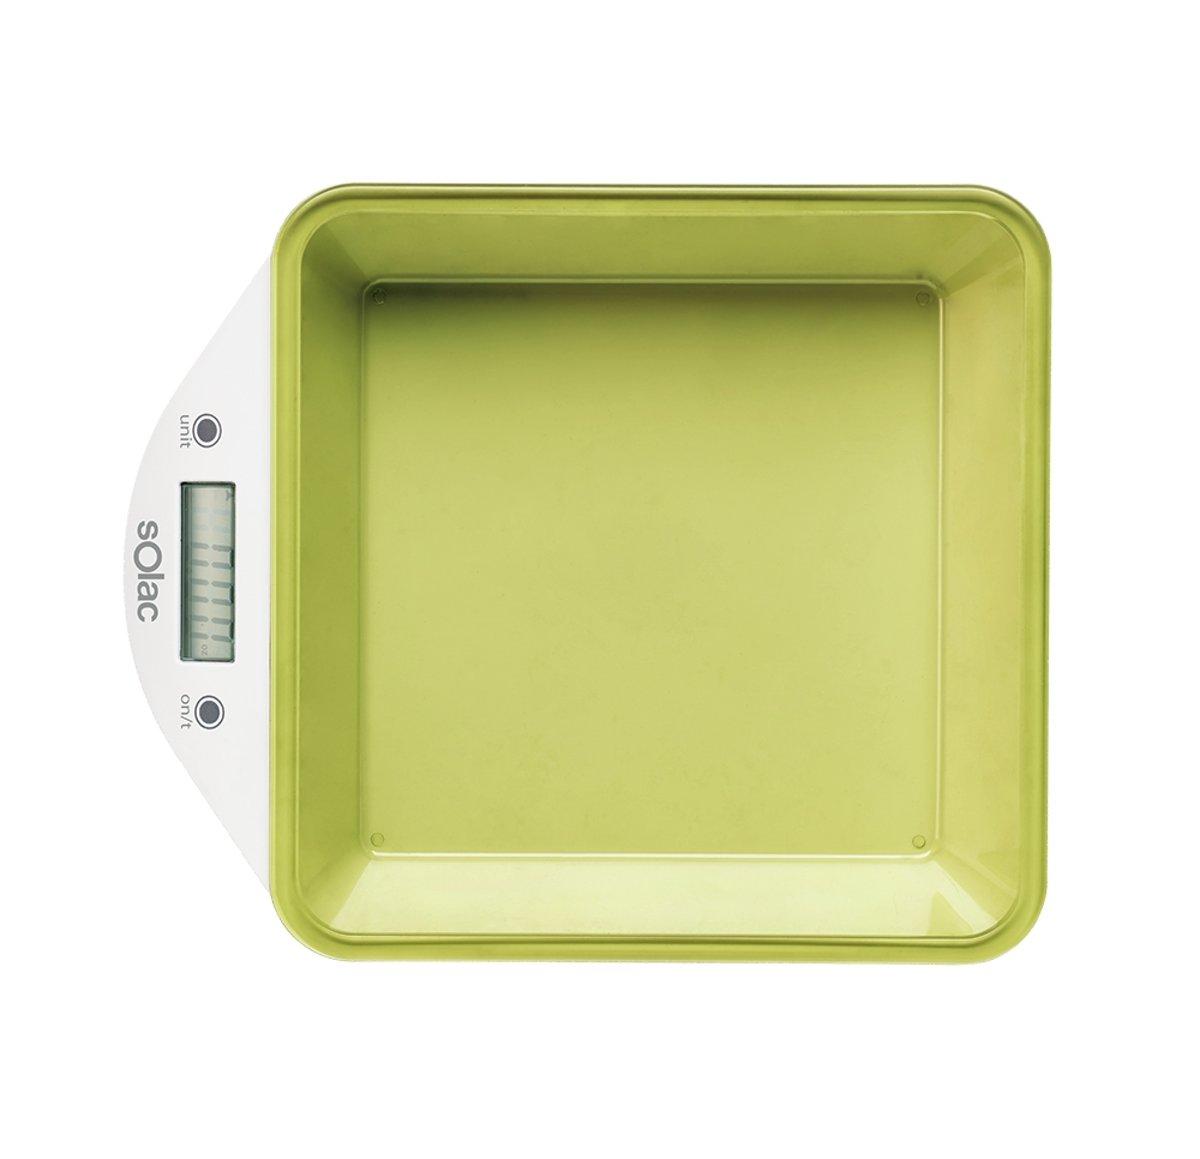 Solac BC6260 Tafelblad Elektronische keukenweegschaal Multi kleuren keukenweegschaal